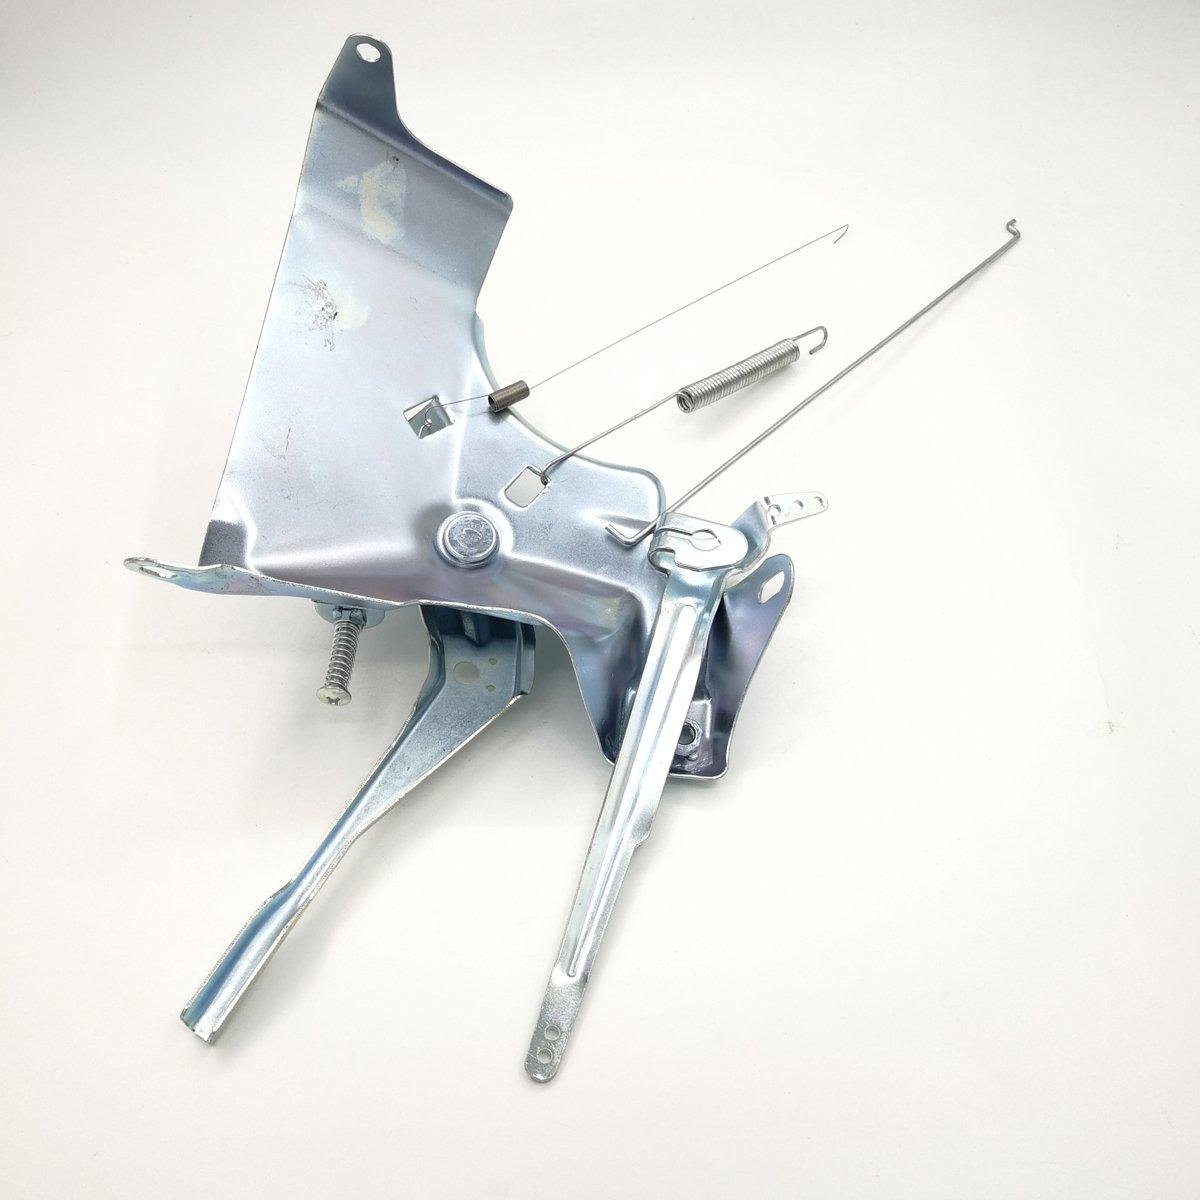 Cancanle Kit de Resorte de Barra de Control del Acelerador para Honda GX340 GX390 11HP 13HP Motor de 4 Tiempos